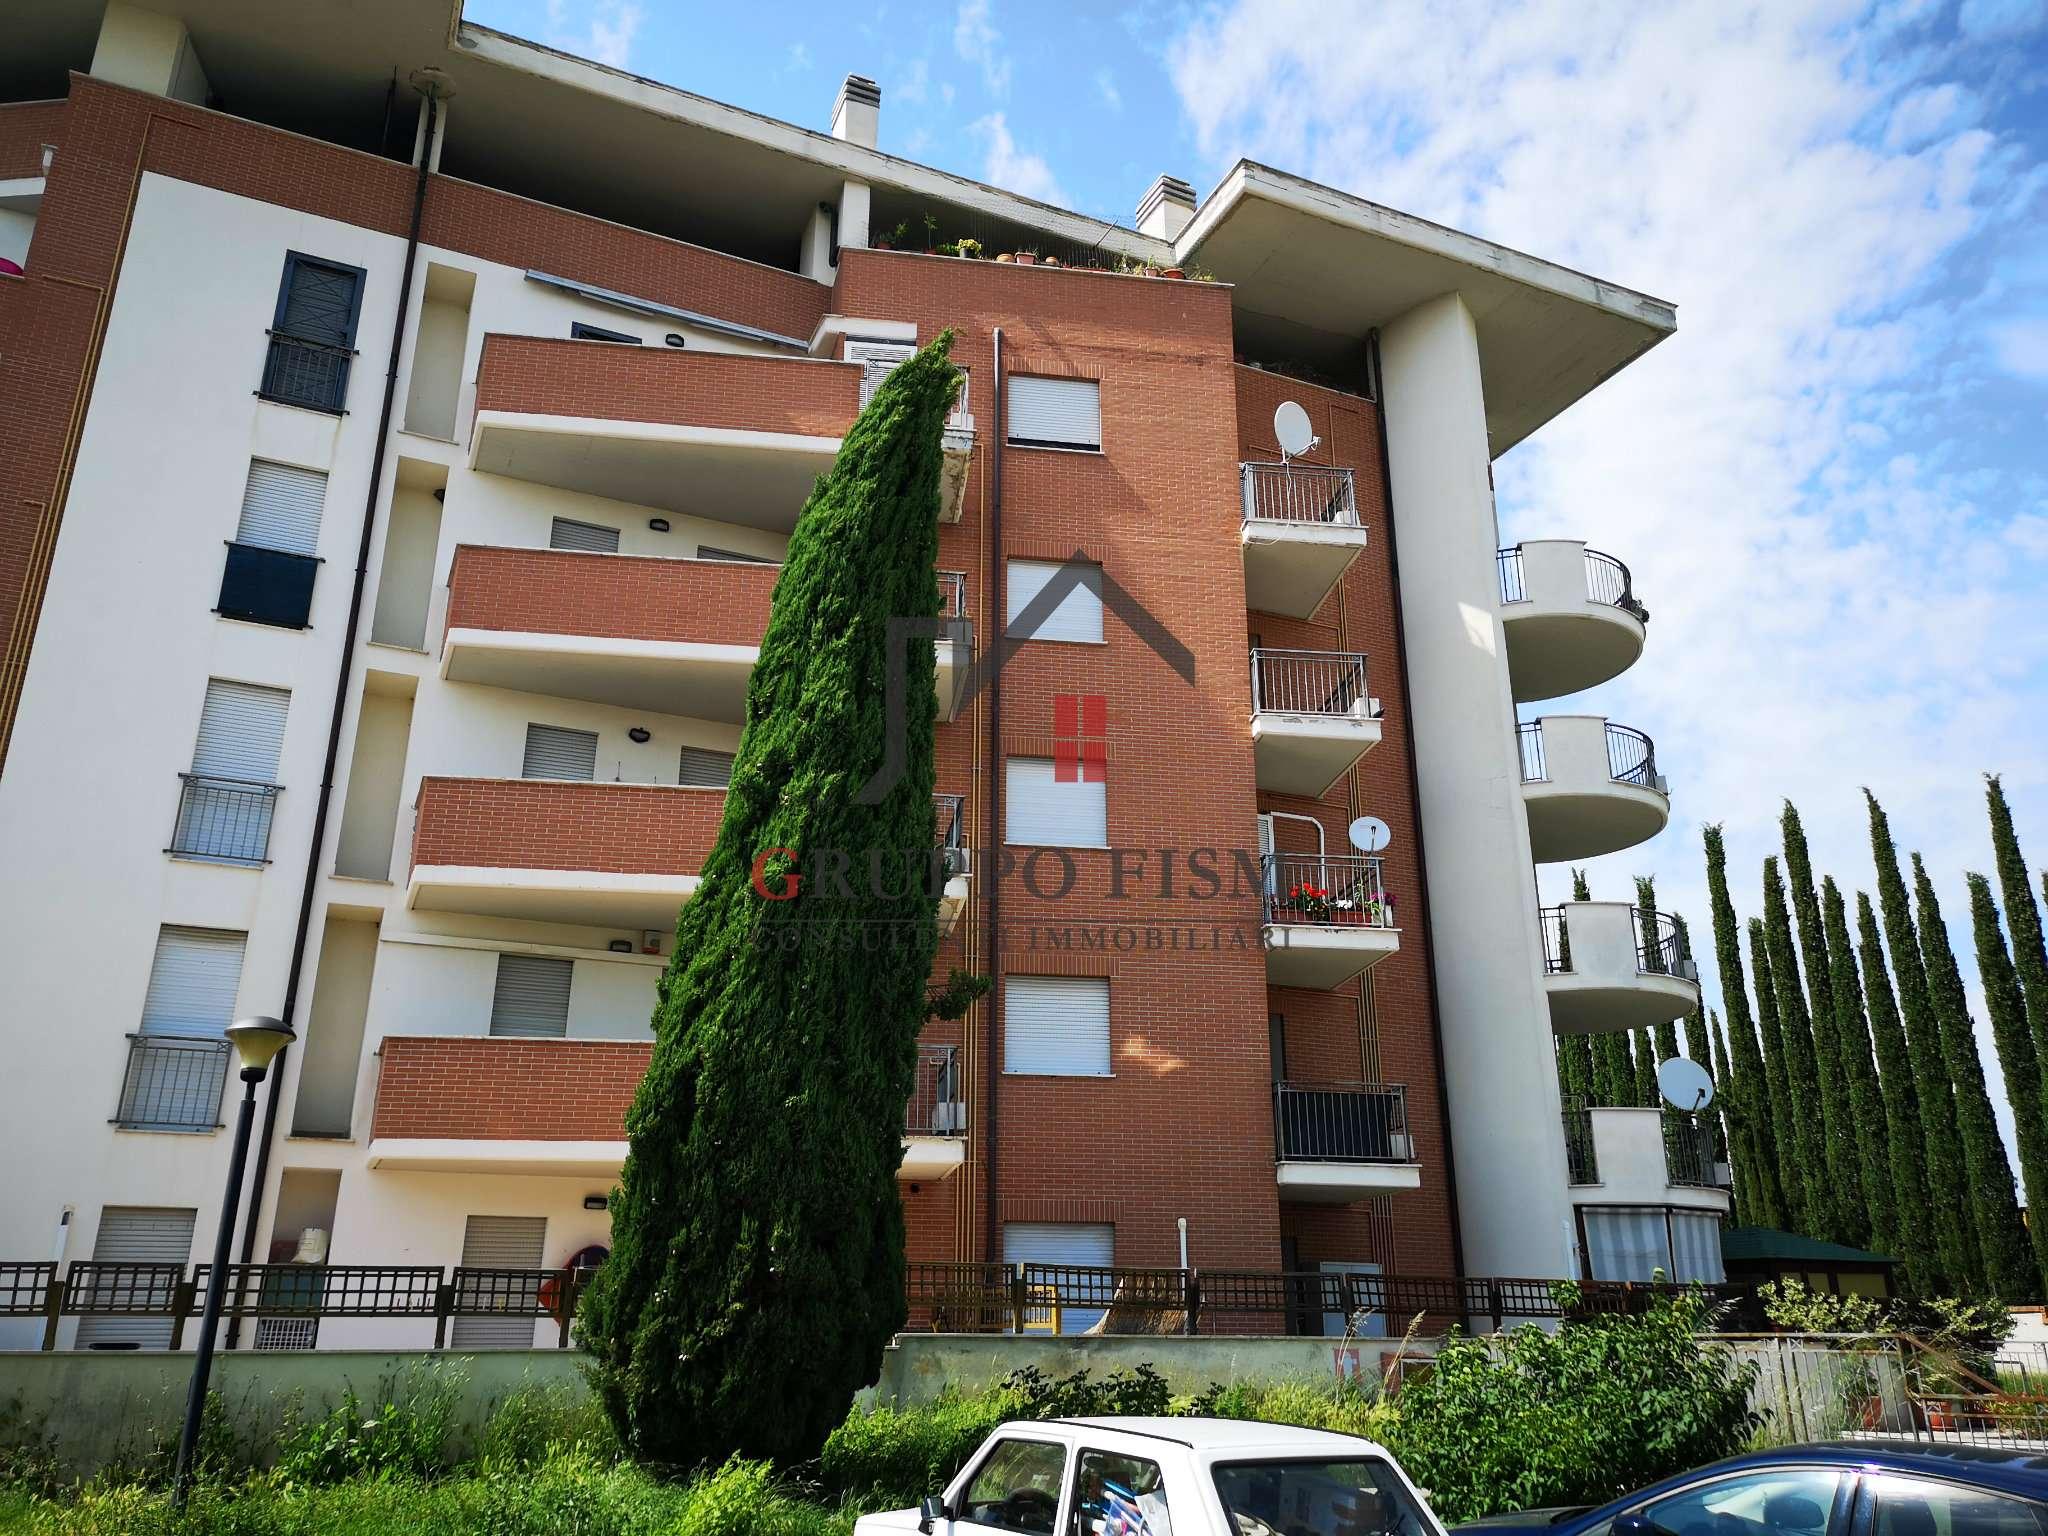 Appartamento in vendita a Fiano Romano, 2 locali, prezzo € 69.000   PortaleAgenzieImmobiliari.it